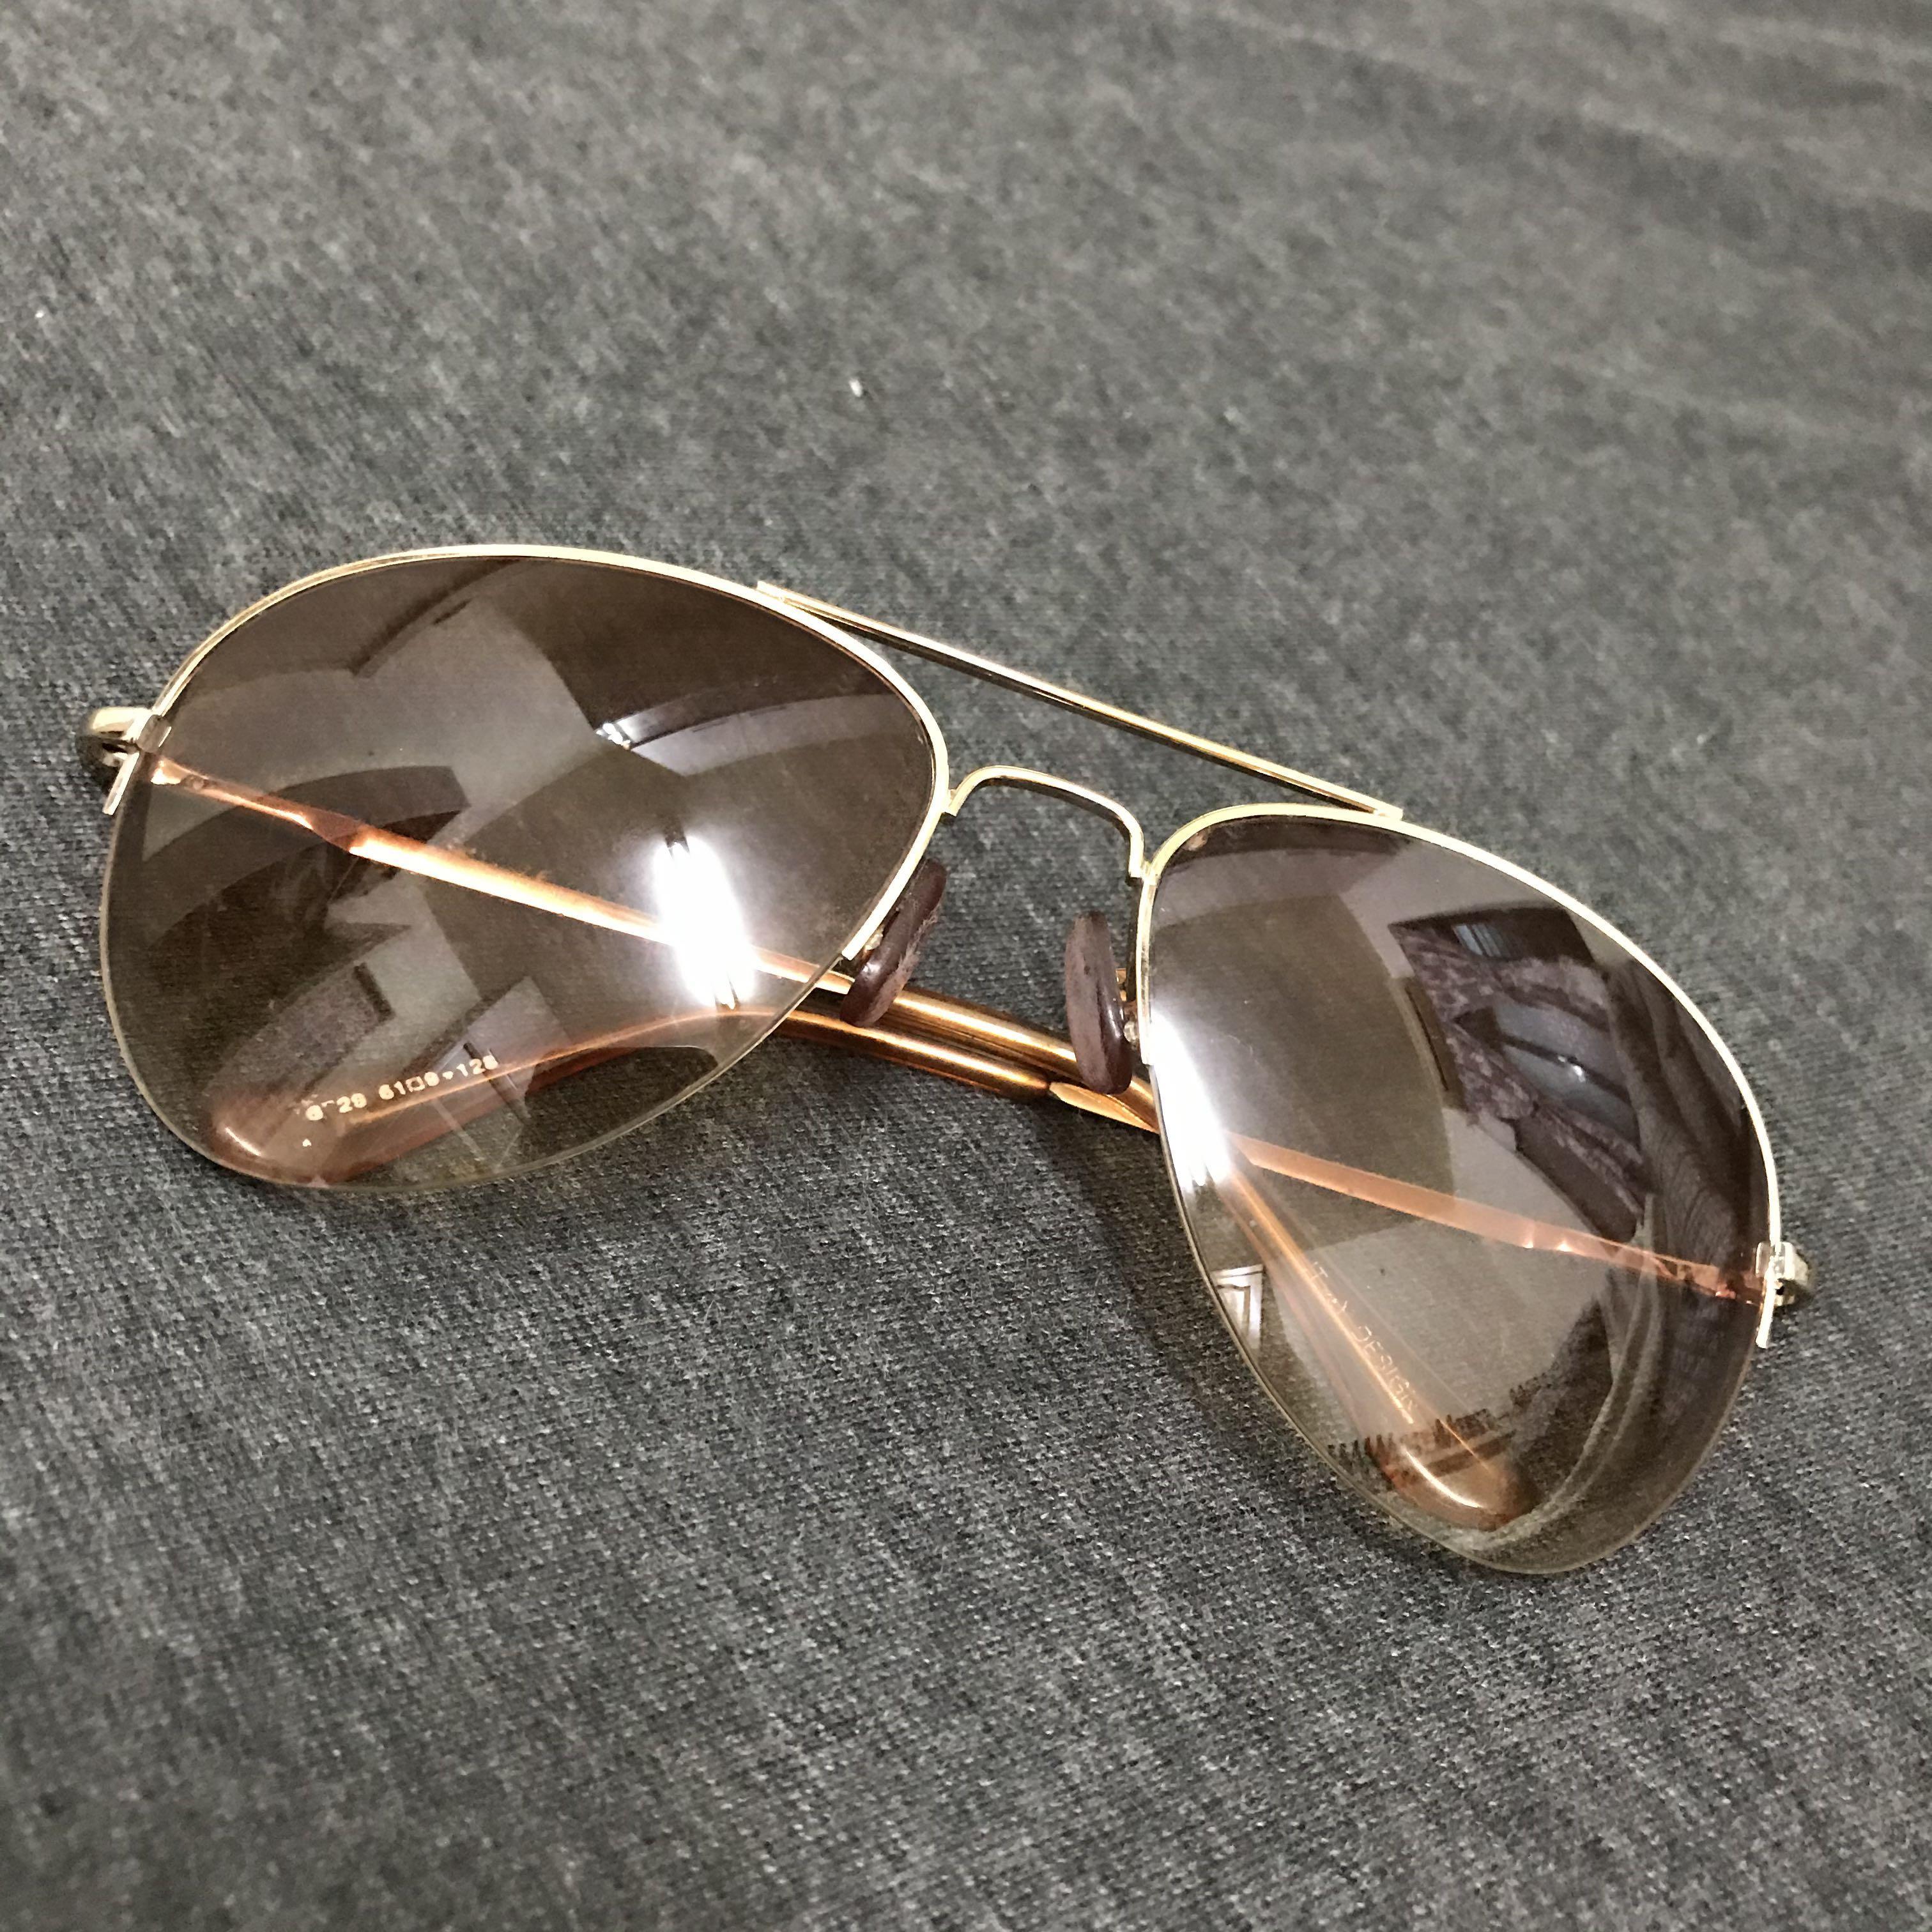 二手優質 墨鏡 鏡面茶色 框架金色  男女皆可戴 九成新